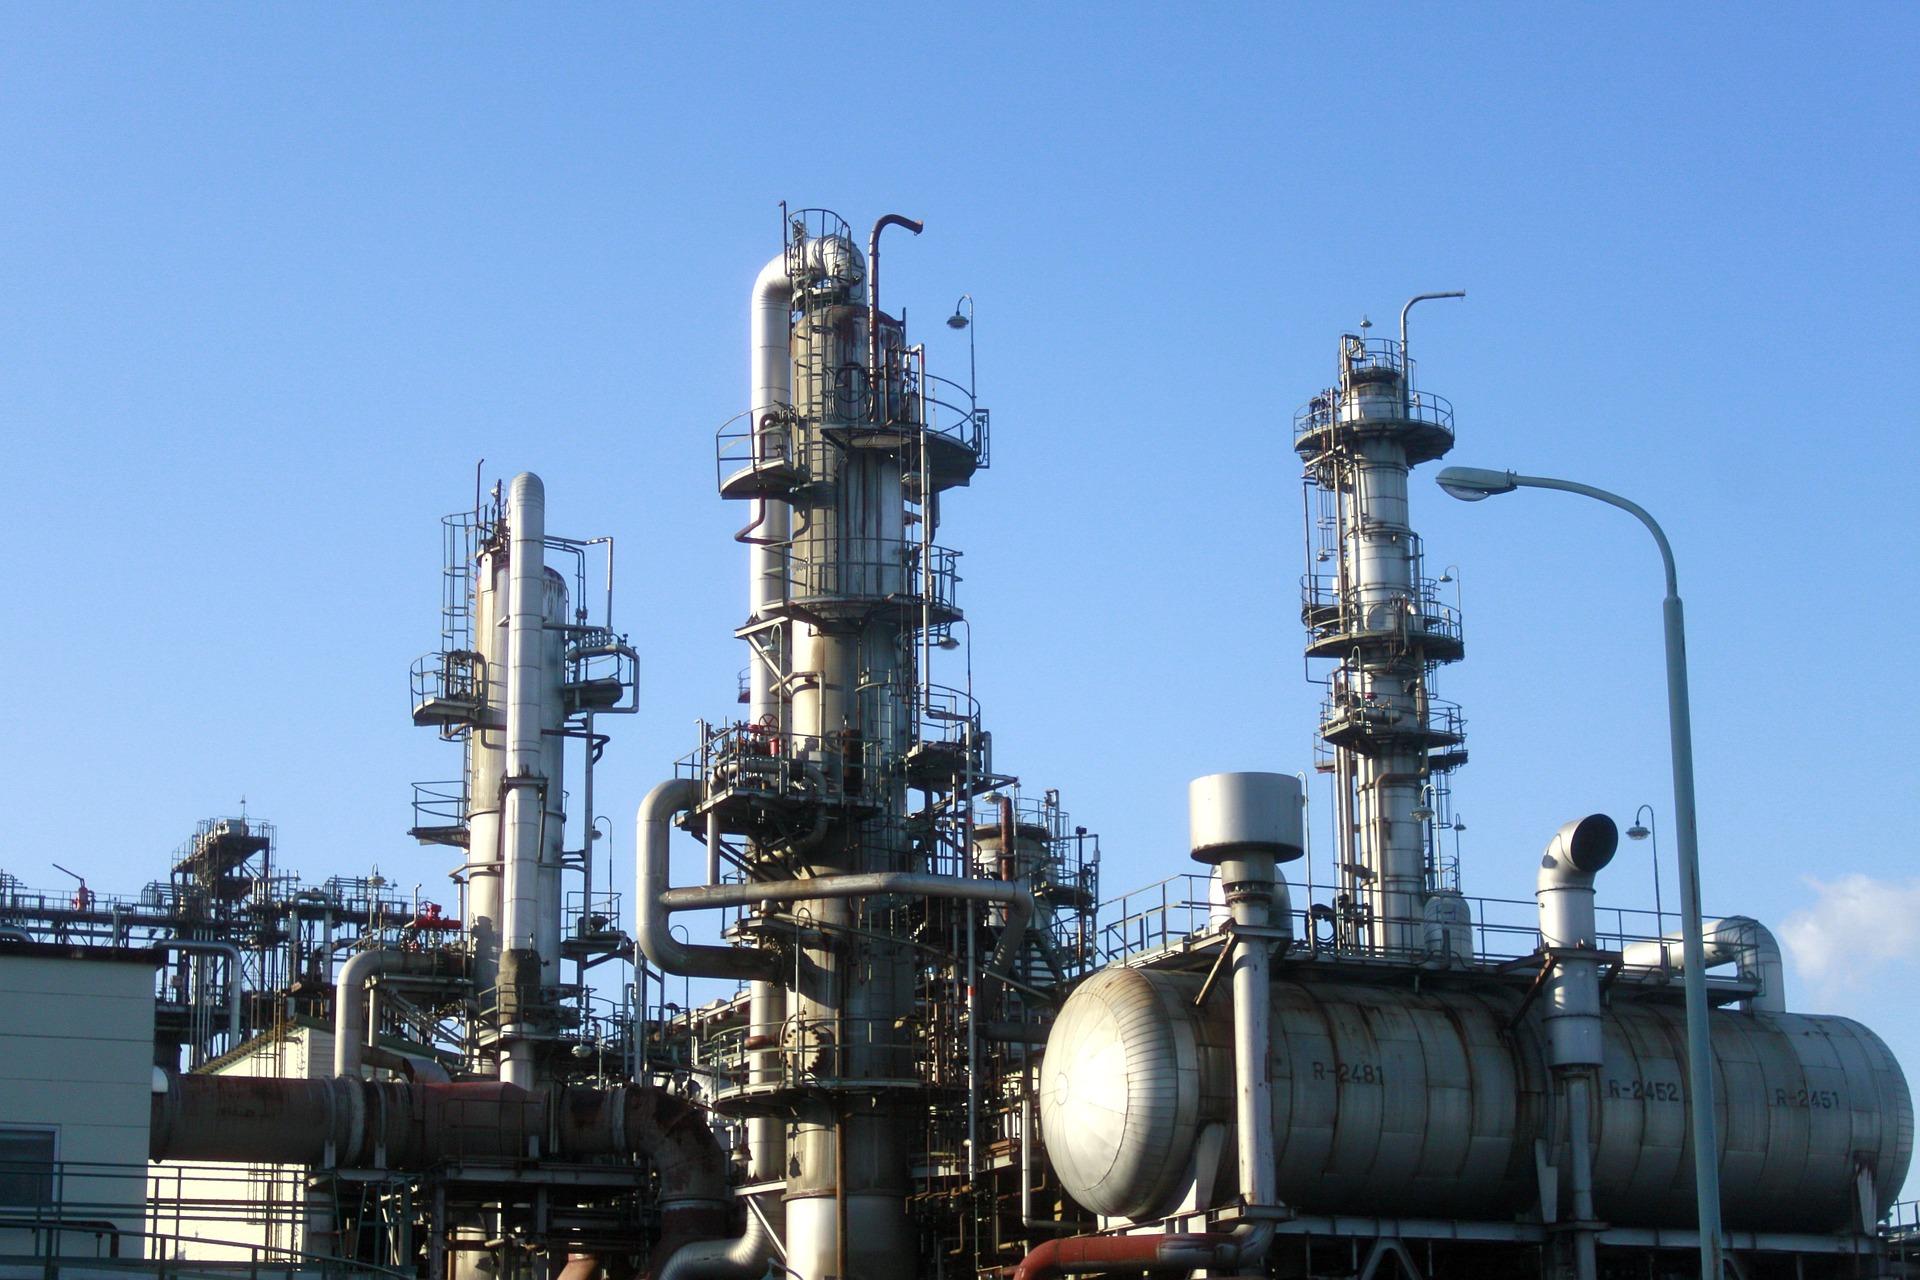 Hazardous Waste Distillation